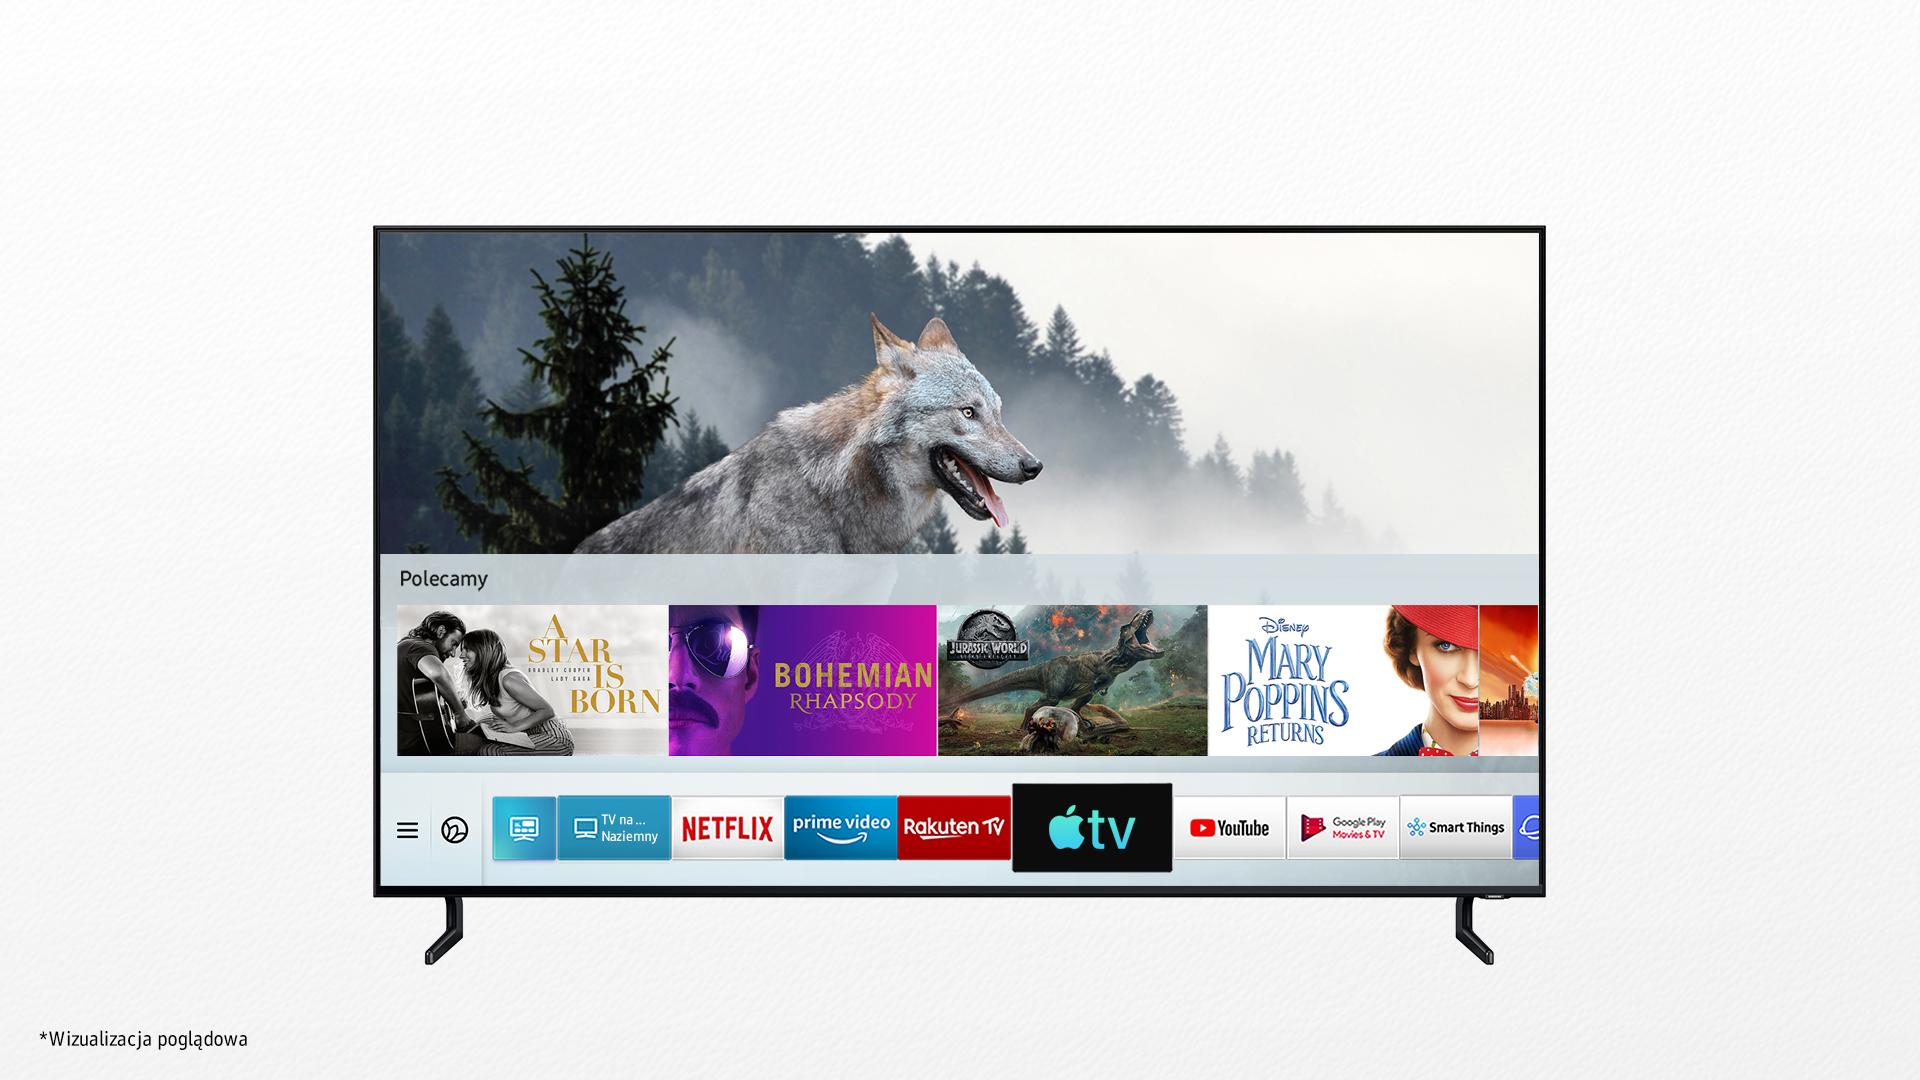 Telewizory Samsung Smart TV Apple TV AirPlay 2 jak to włączyć